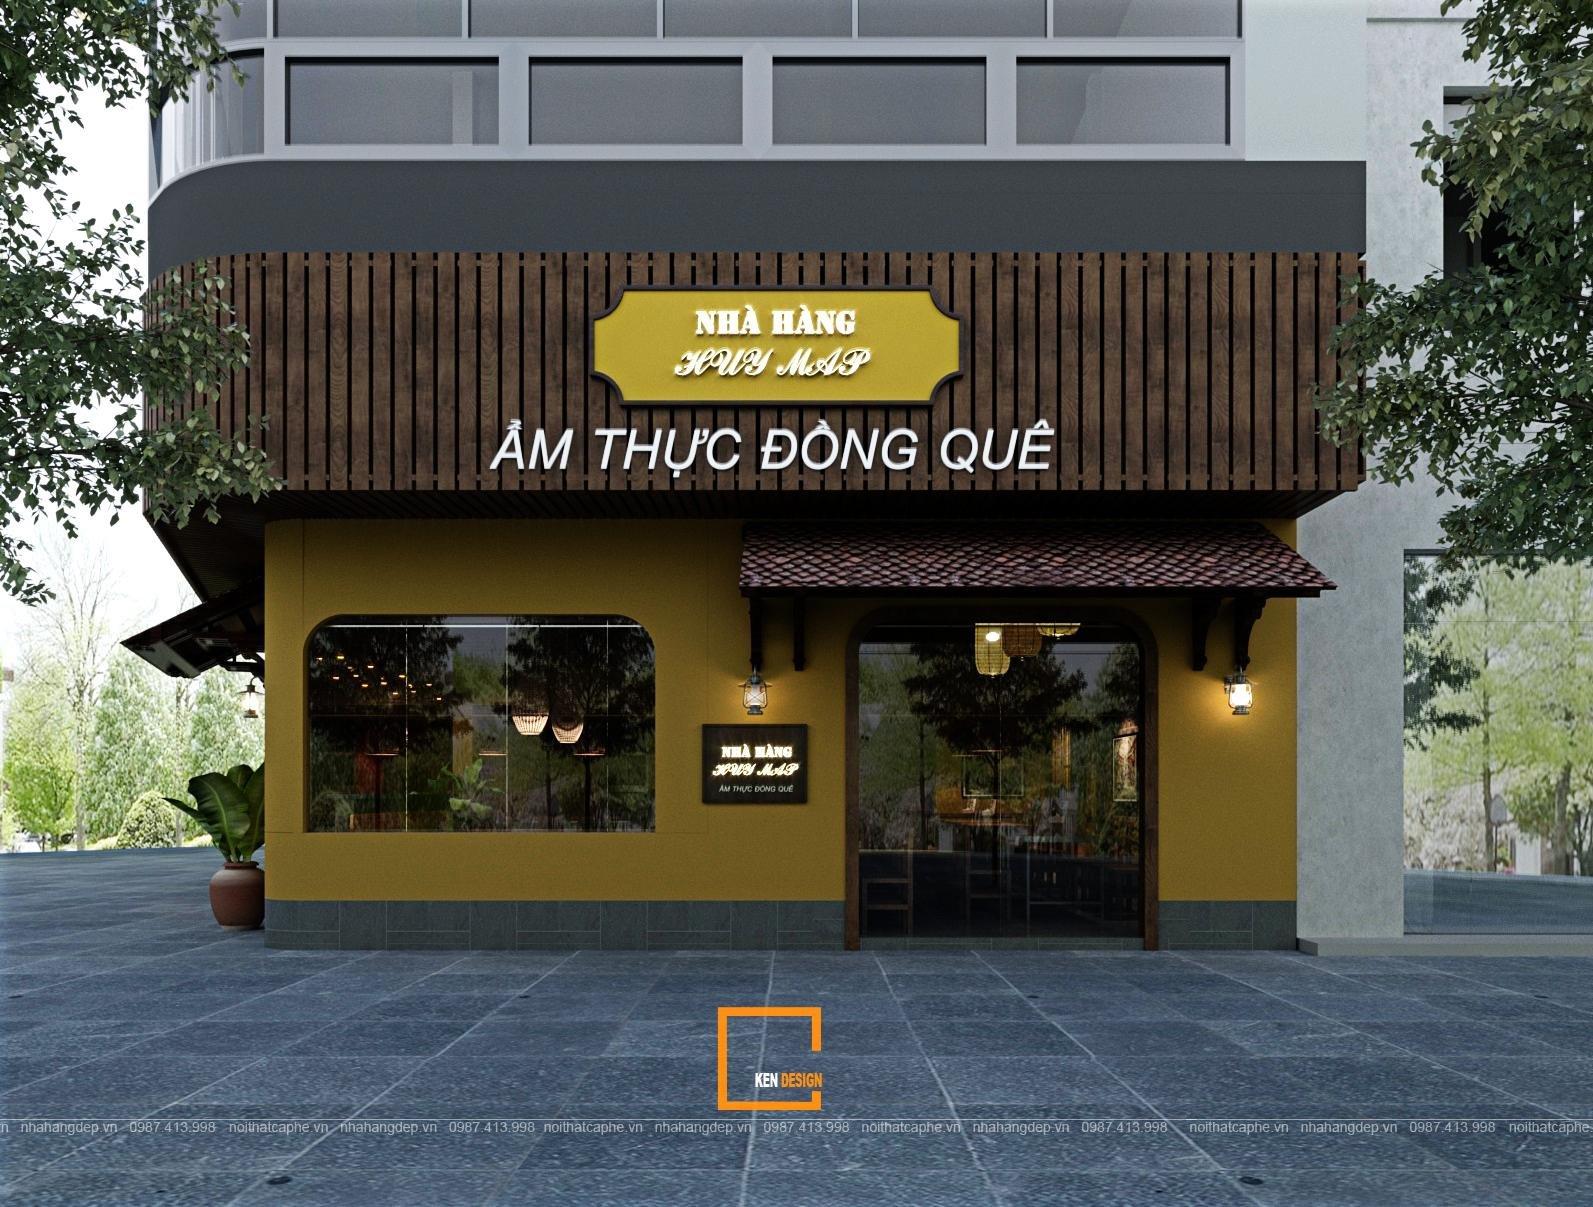 Không gian đậm chất ẩm thực đồng quê trong thiết kế nhà hàng Huy Mập